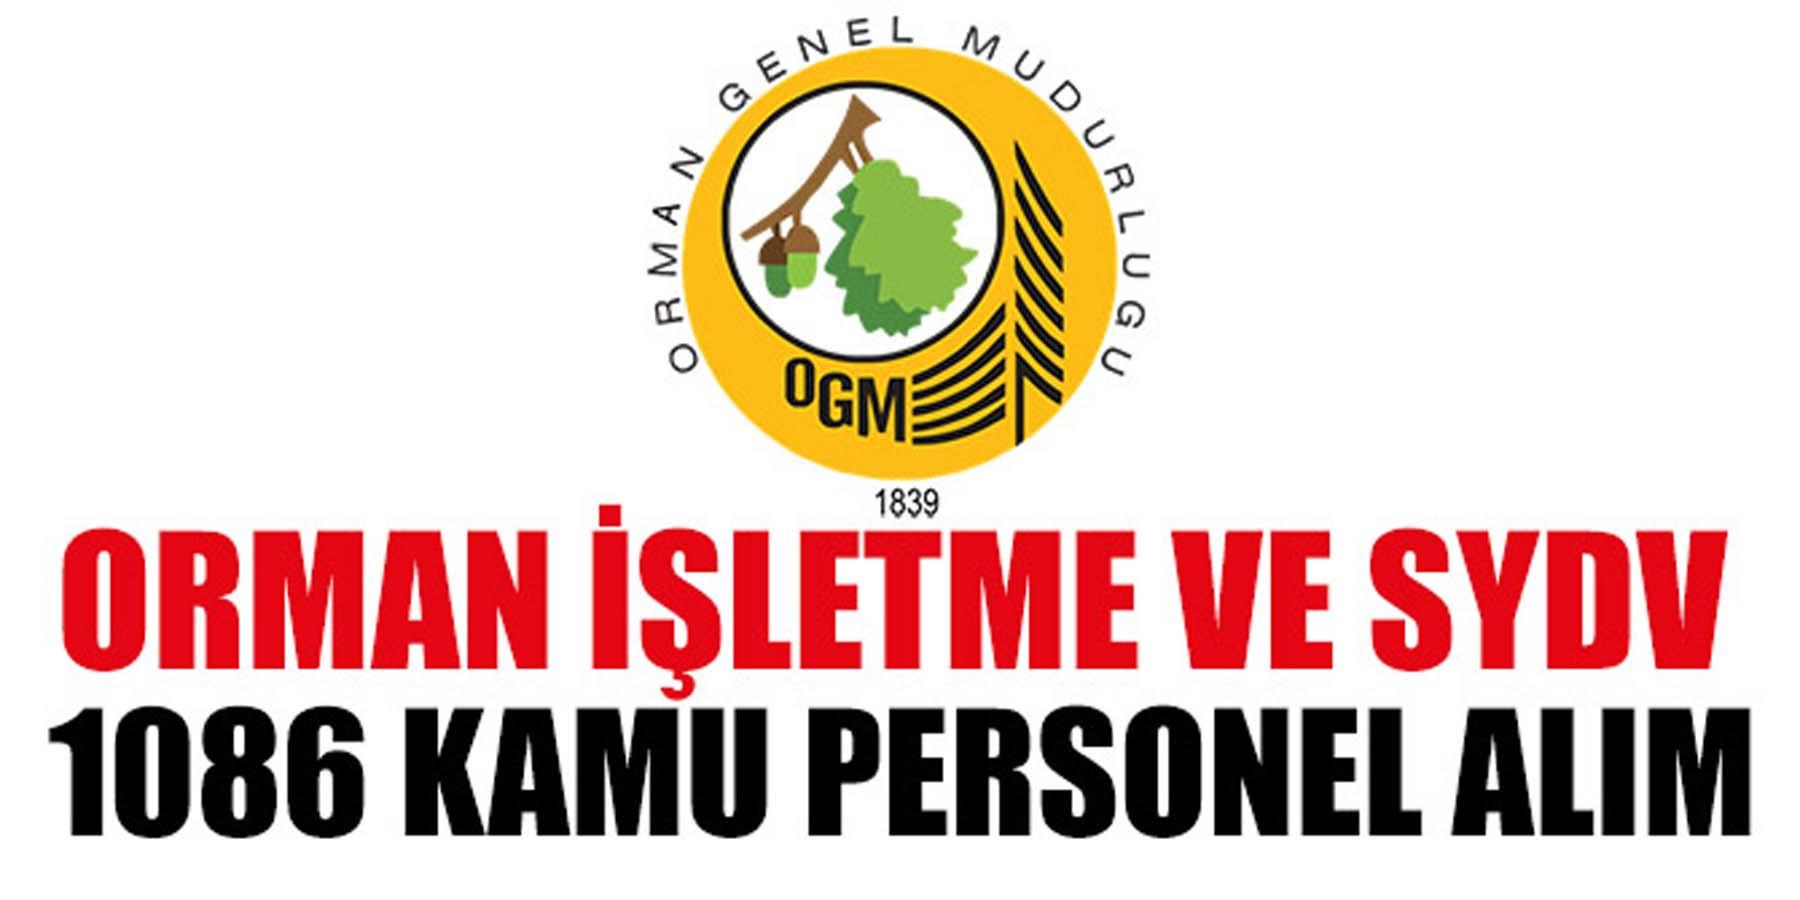 Orman İşletme Müdürlüğü ve SYDV 1086 Kamu Personeli Alım